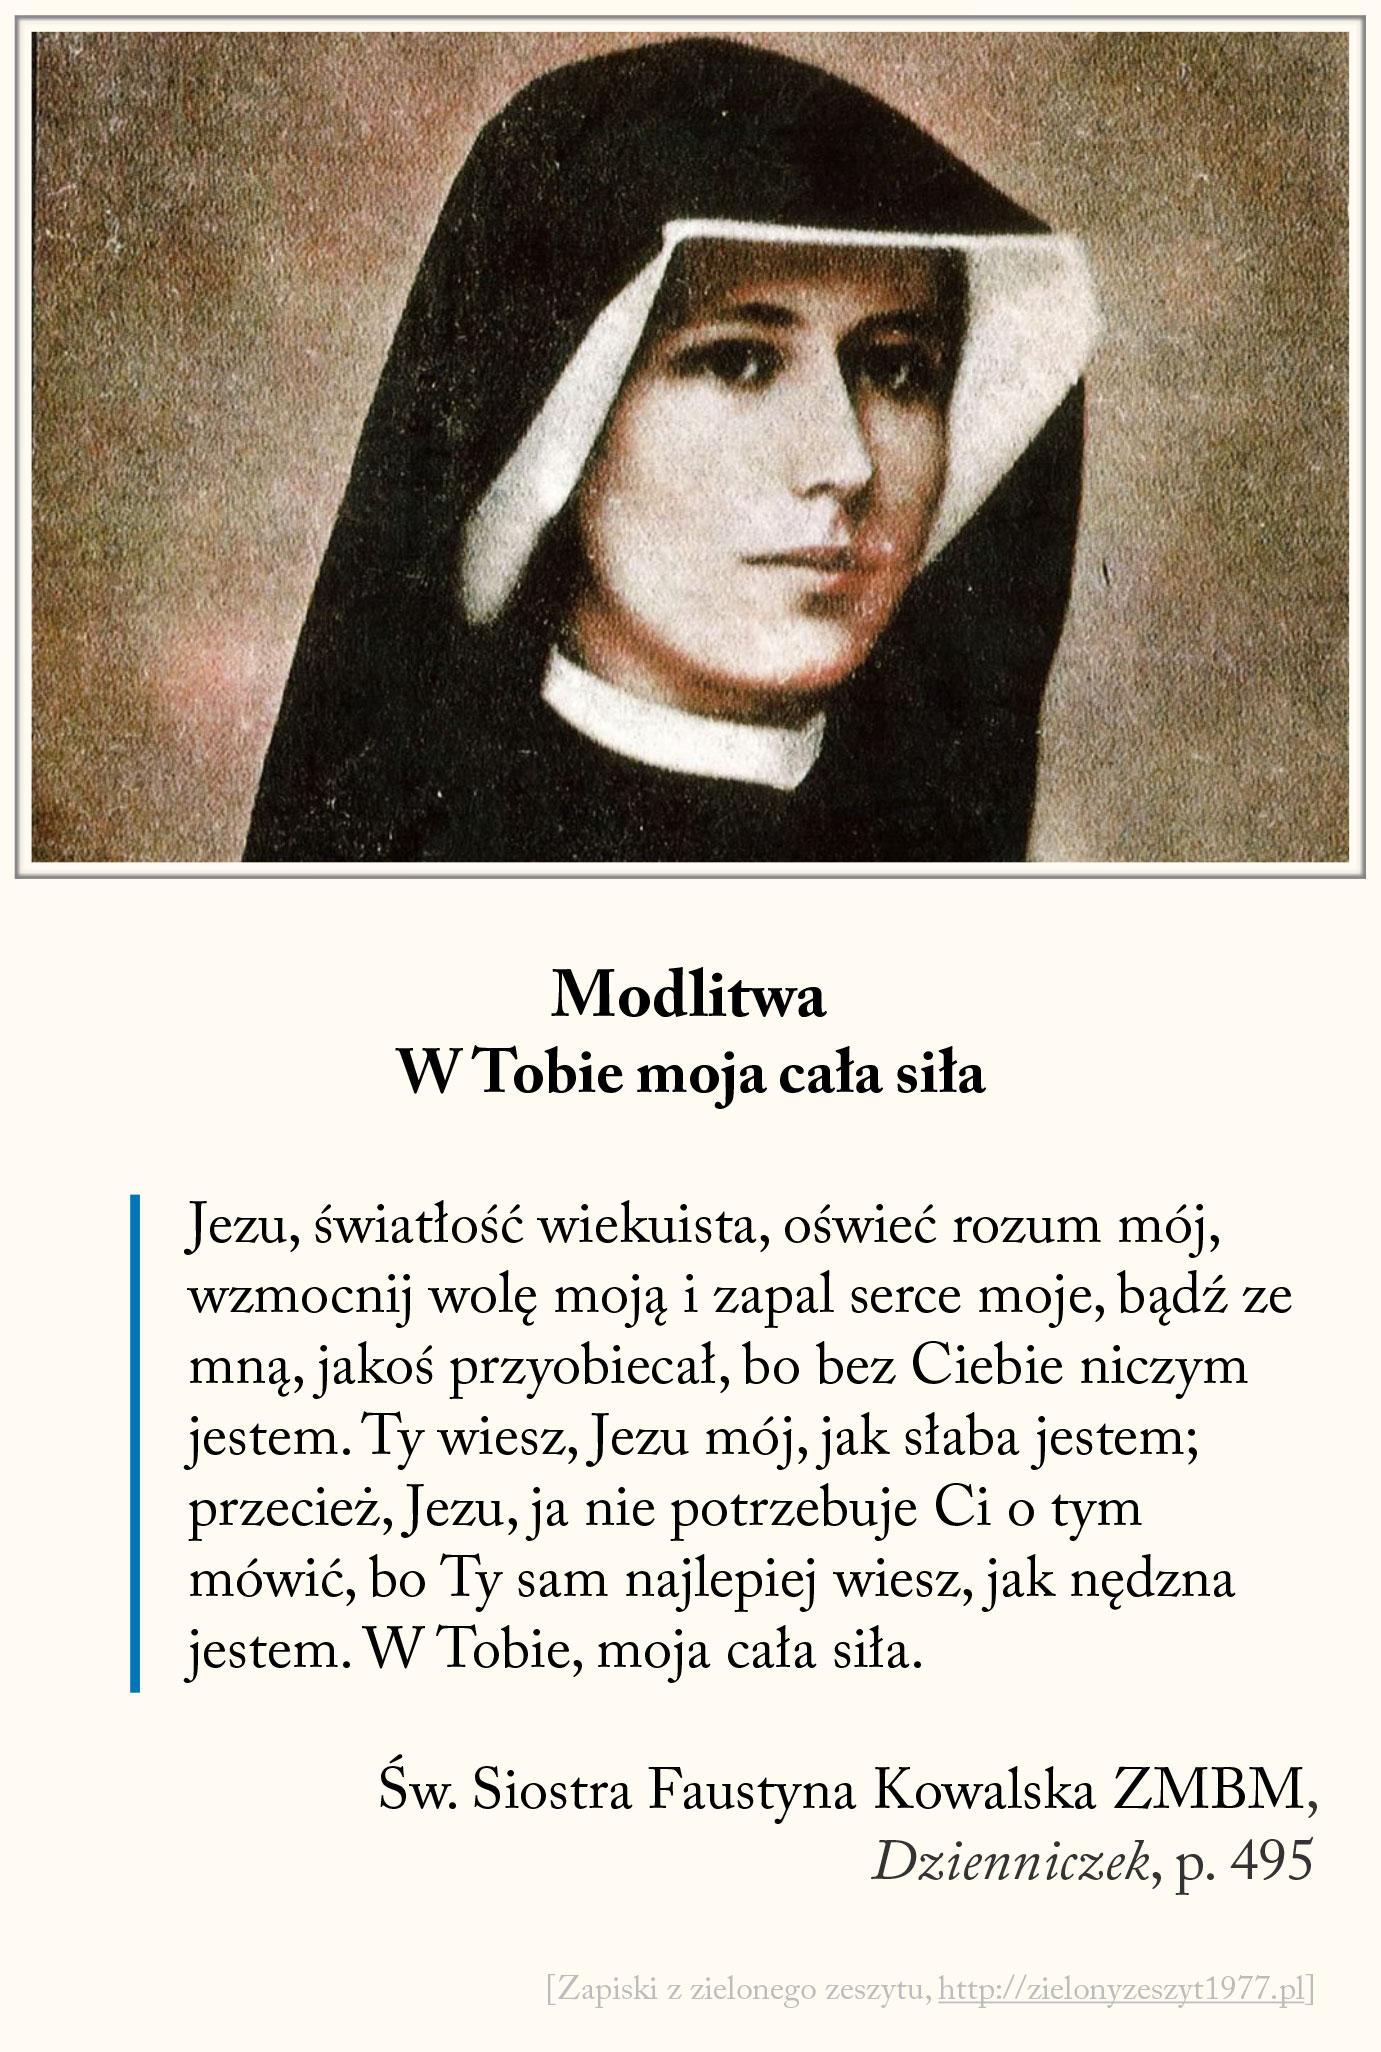 Modlitwa - W Tobie moja cała siła, św. Faustyna Kowalska